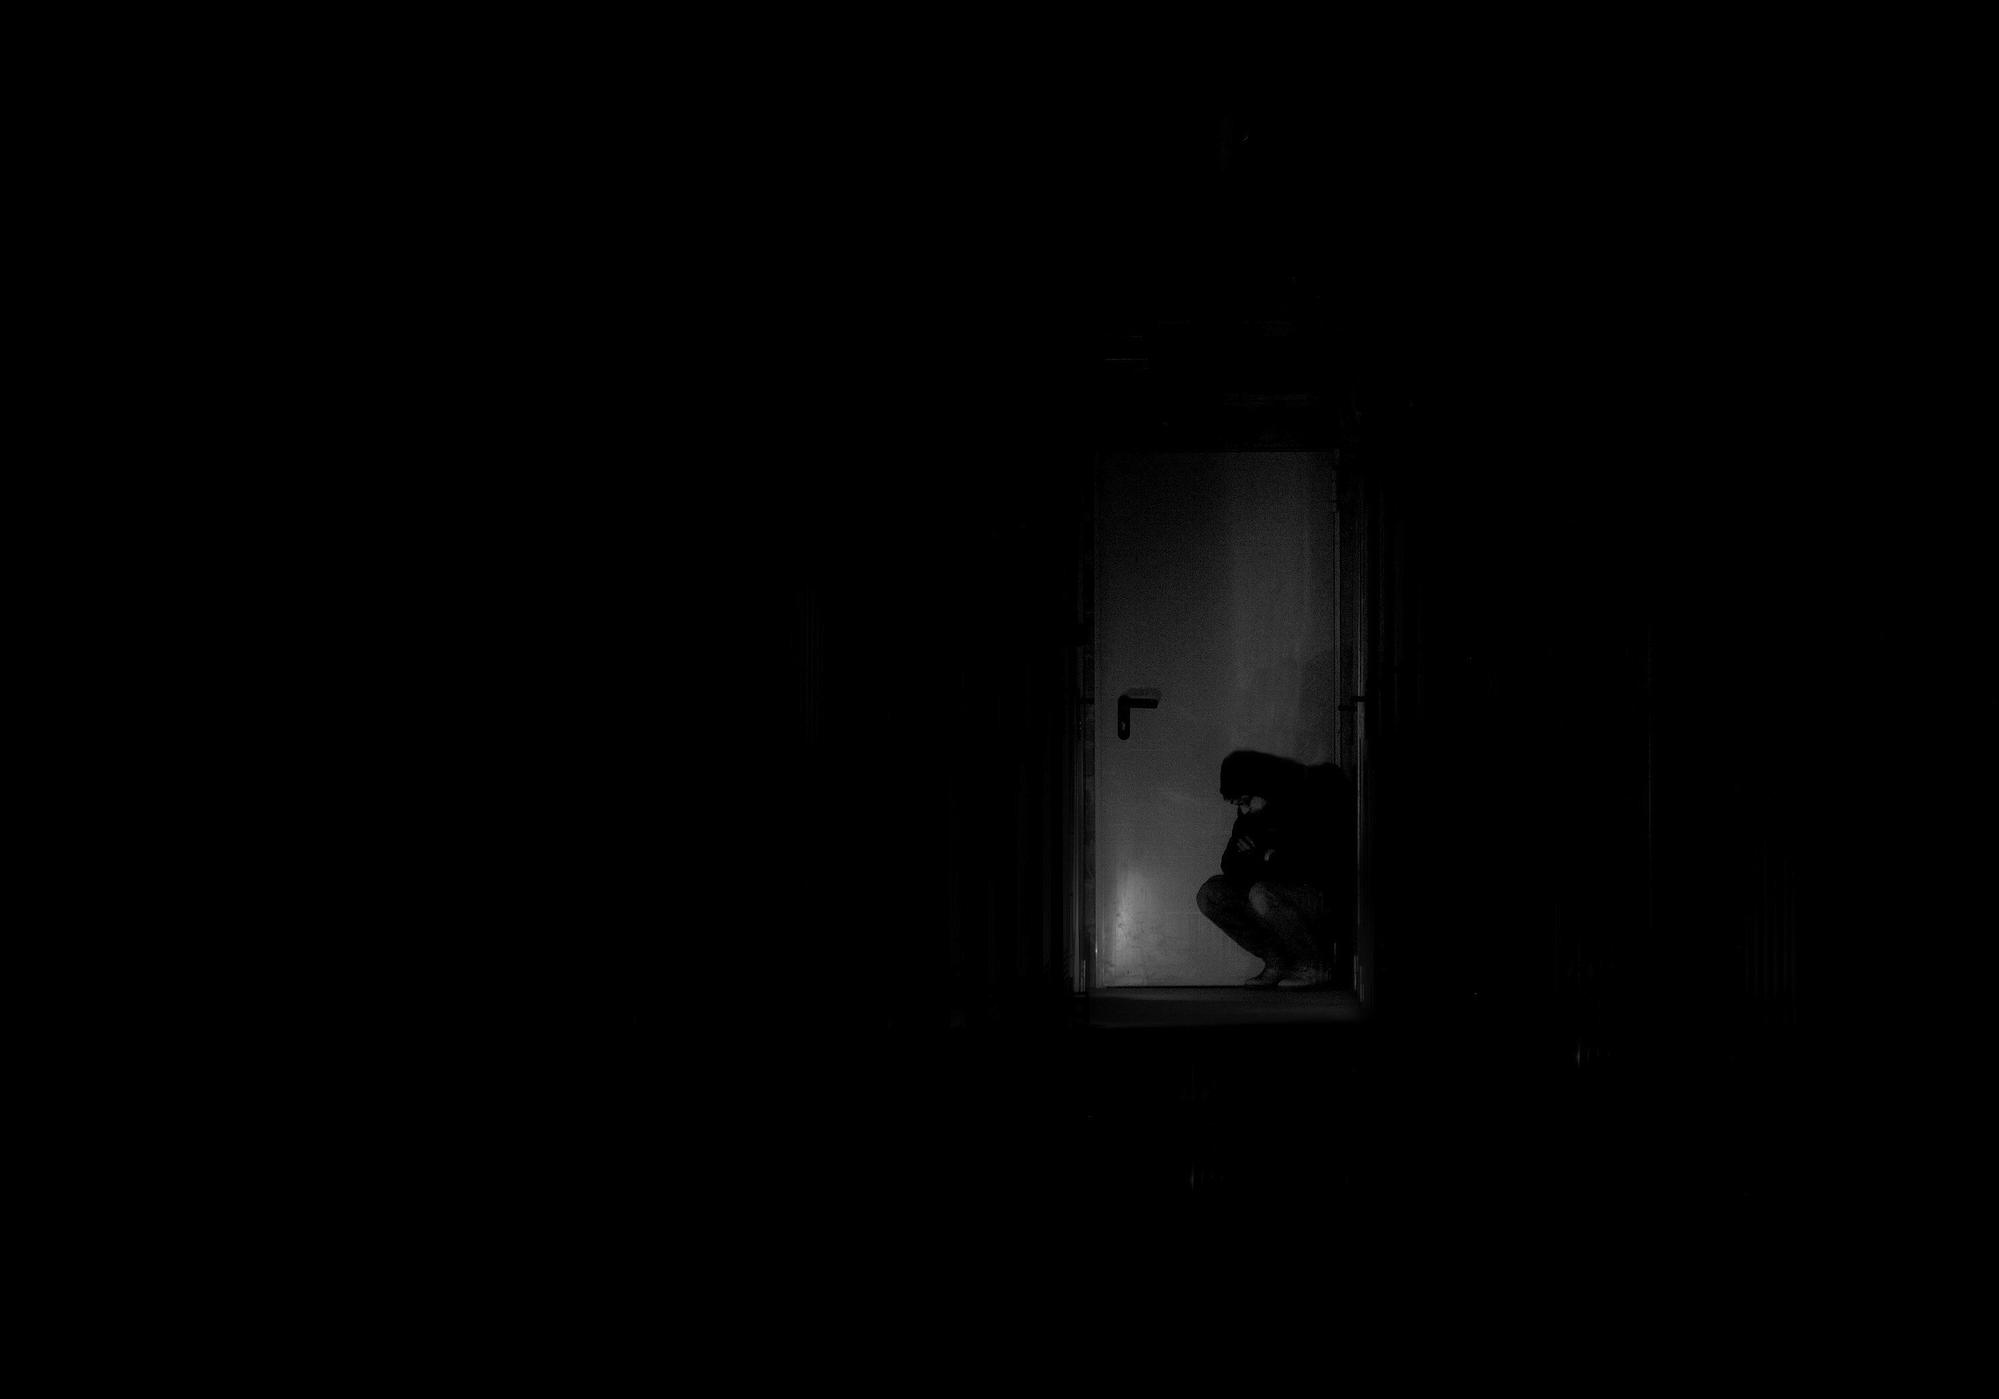 Una porta nel buio di Salvatore Massaiu